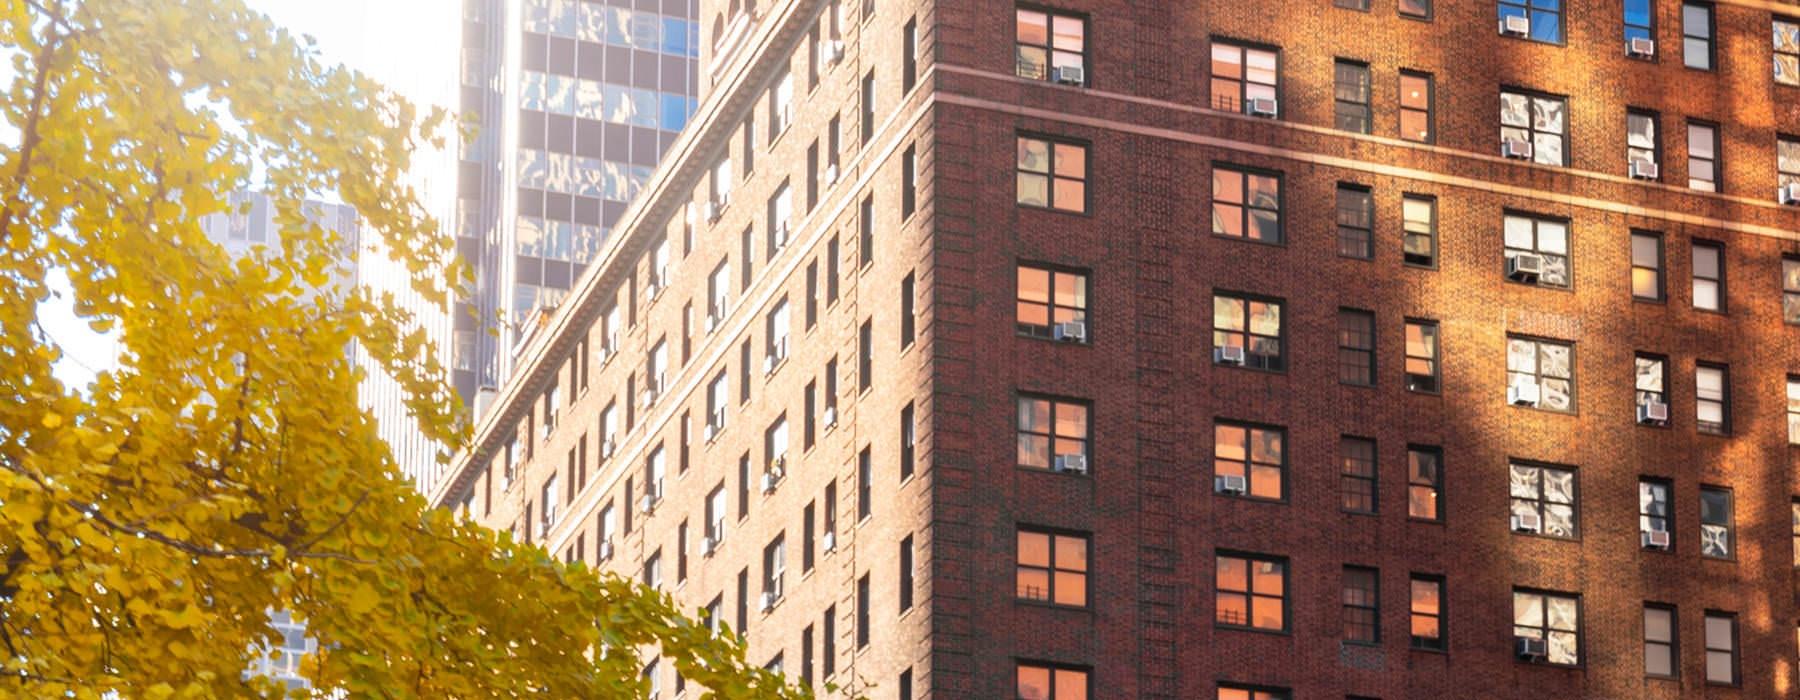 Buchanan apartments in New York, NY